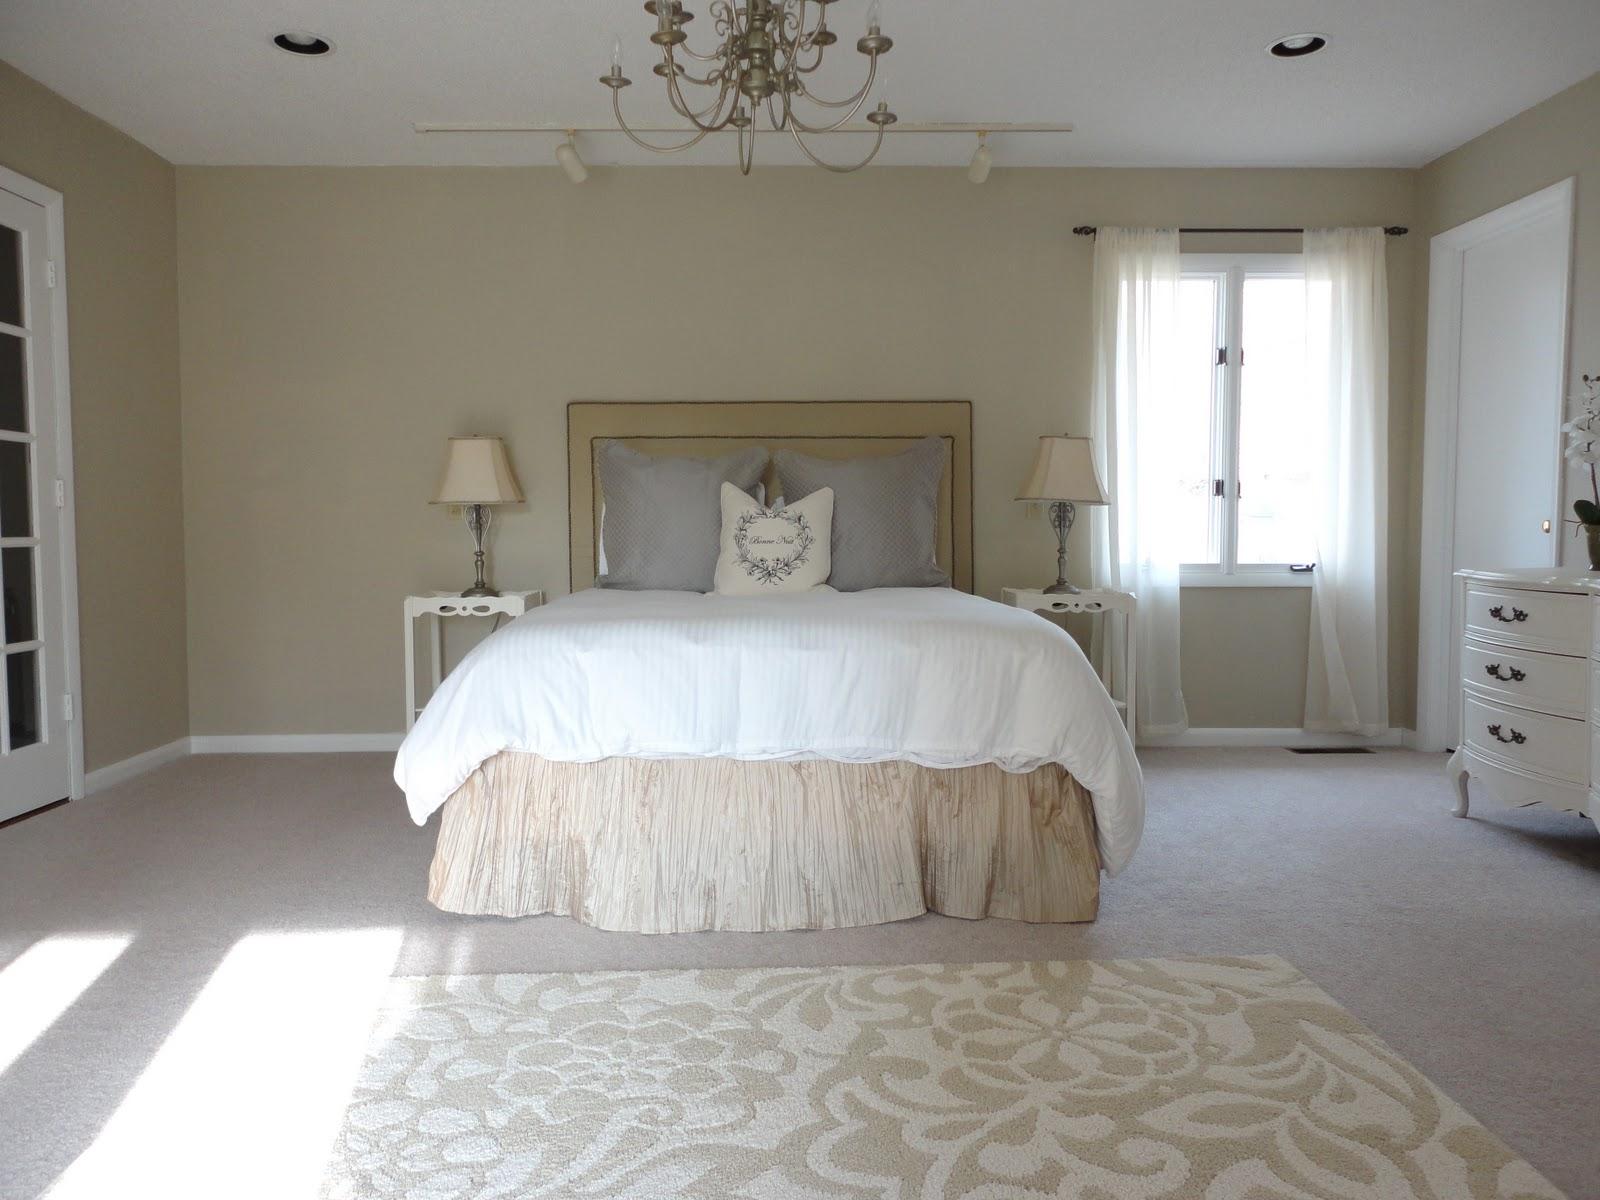 LiveLoveDIY Master Bedroom Makeover Our Renovation Before & After